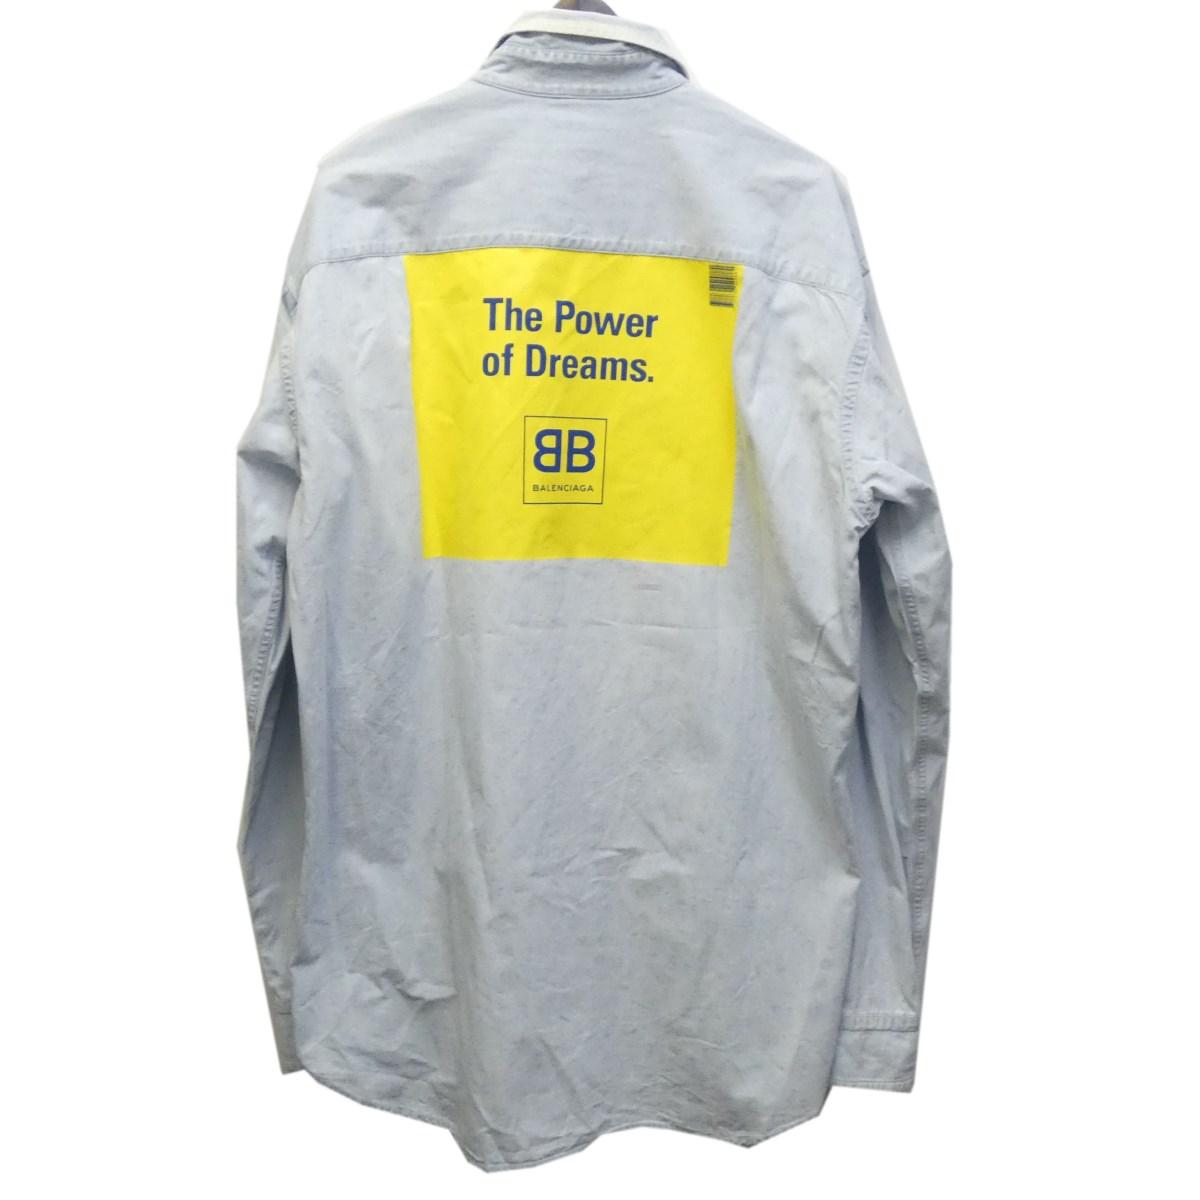 【中古】BALENCIAGA 18SS「The Power of Dreams BB Denim Shirt」509531 シャツ インディゴ サイズ:38 【130320】(バレンシアガ)